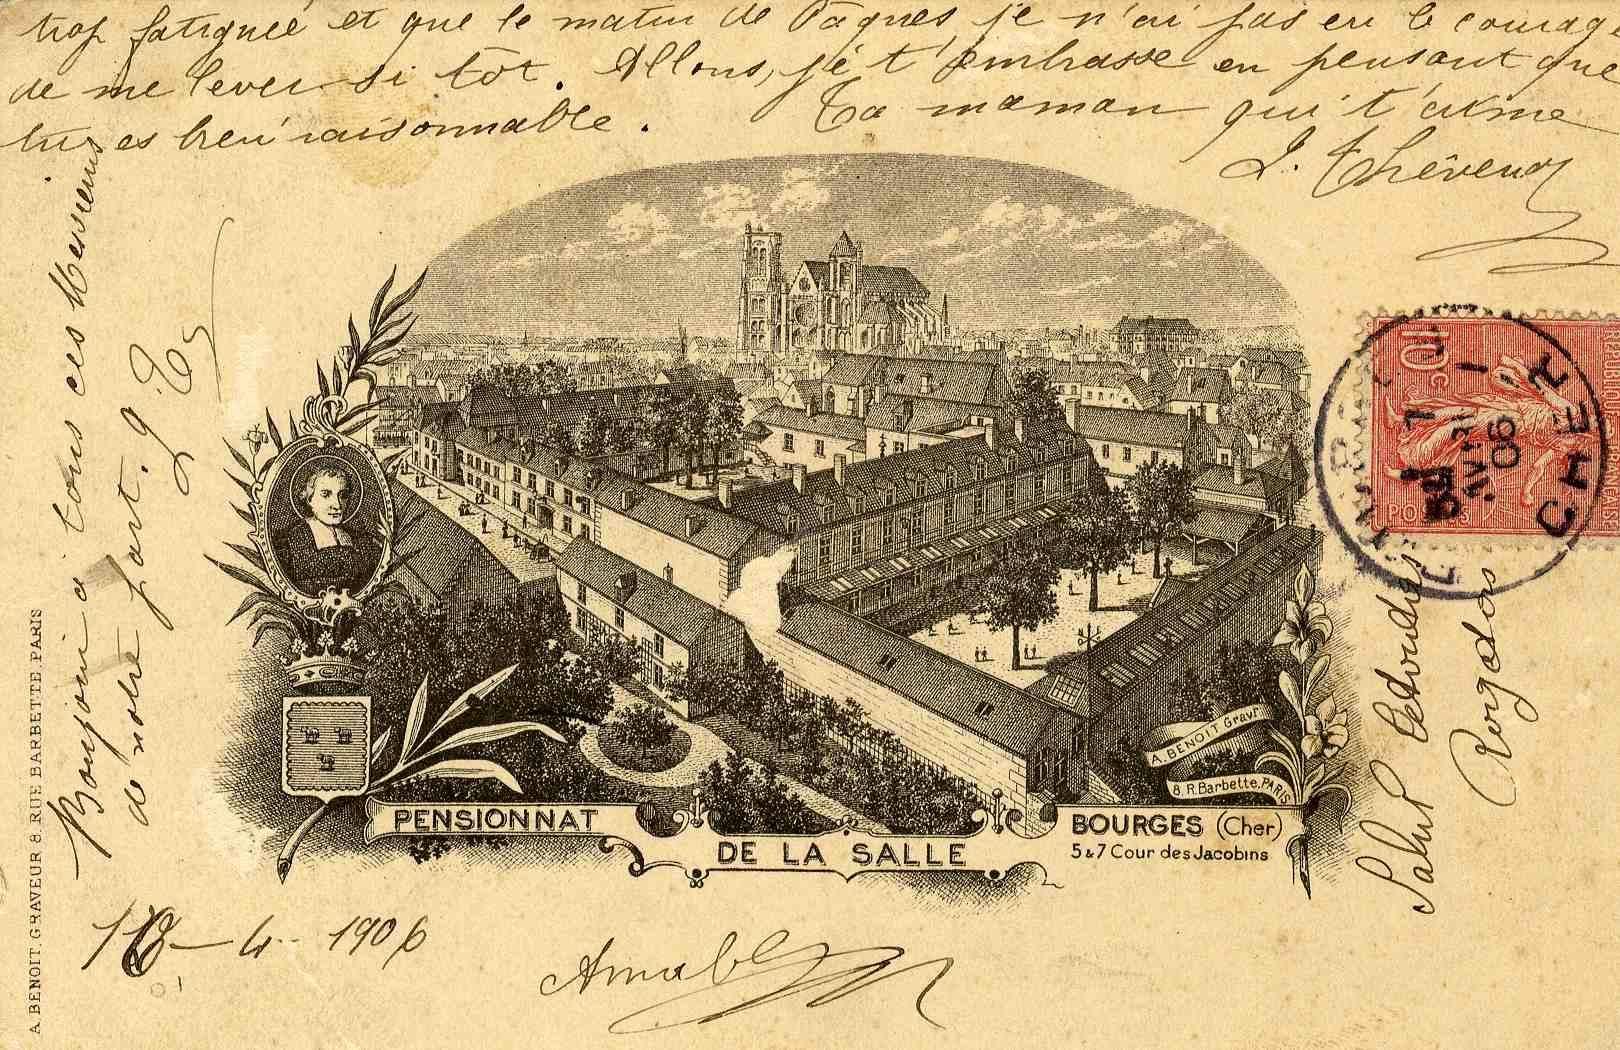 Représentation du pensionnat de la salle à Bourges en 1906